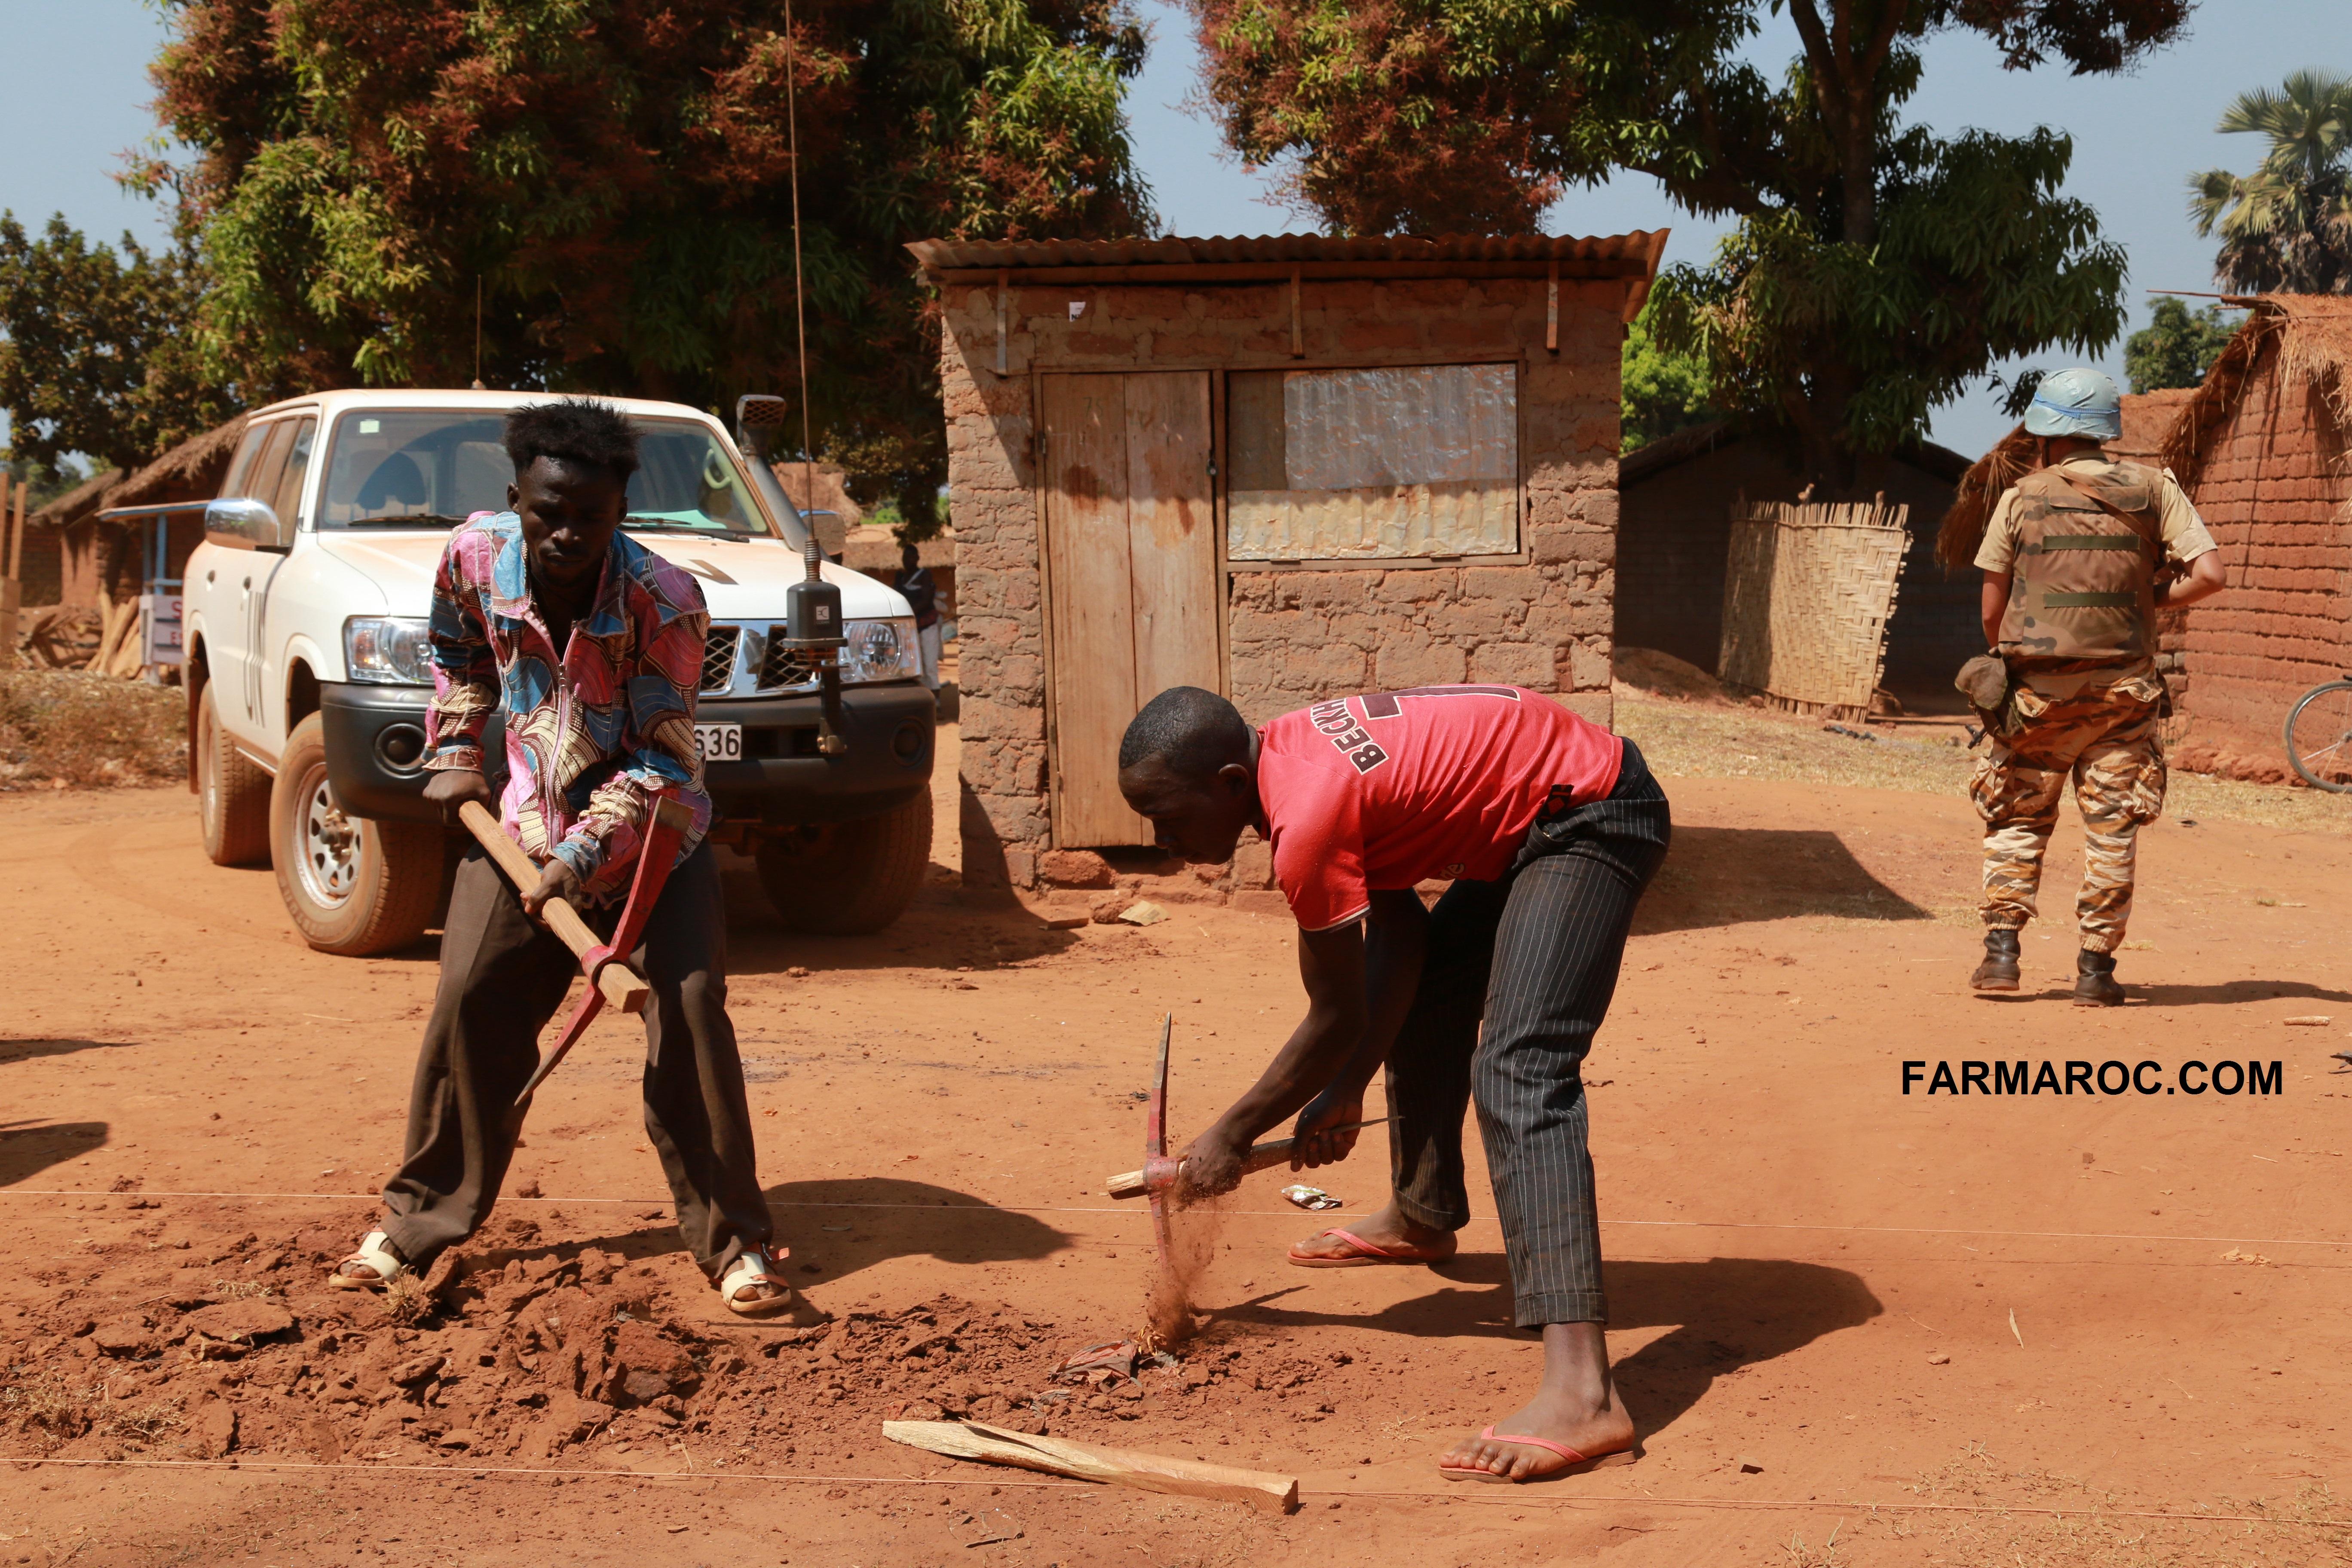 Maintien de la paix dans le monde - Les FAR en République Centrafricaine - RCA (MINUSCA) - Page 3 72774323700120529bd5ac86c4co